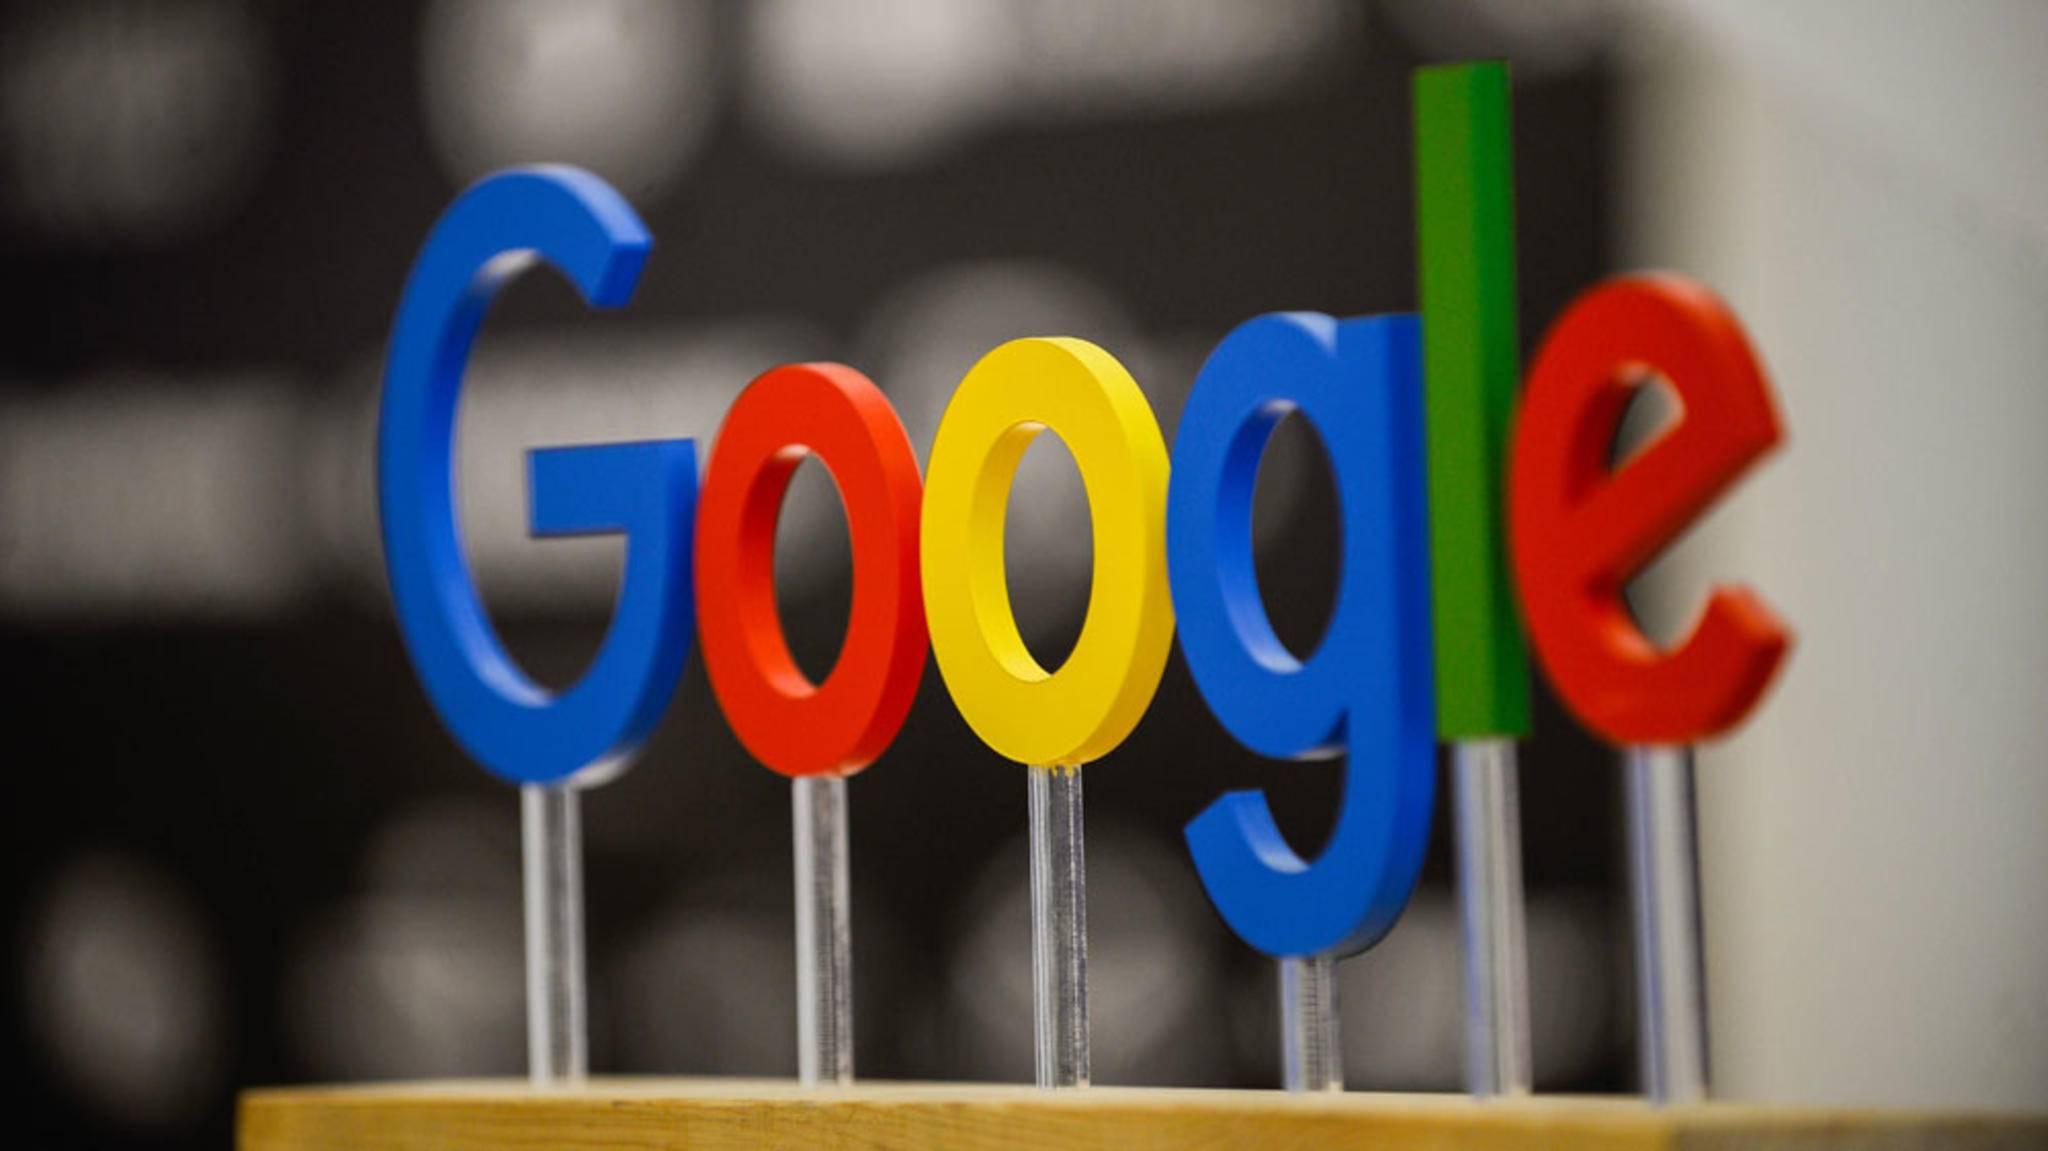 Google hat ein neues Feature: Zeitauskünfte, Einheitenumwandlungen und Ergebnisse aus Rechenaufgaben werden nun ohne weitere Ergebnisse direkt angezeigt.